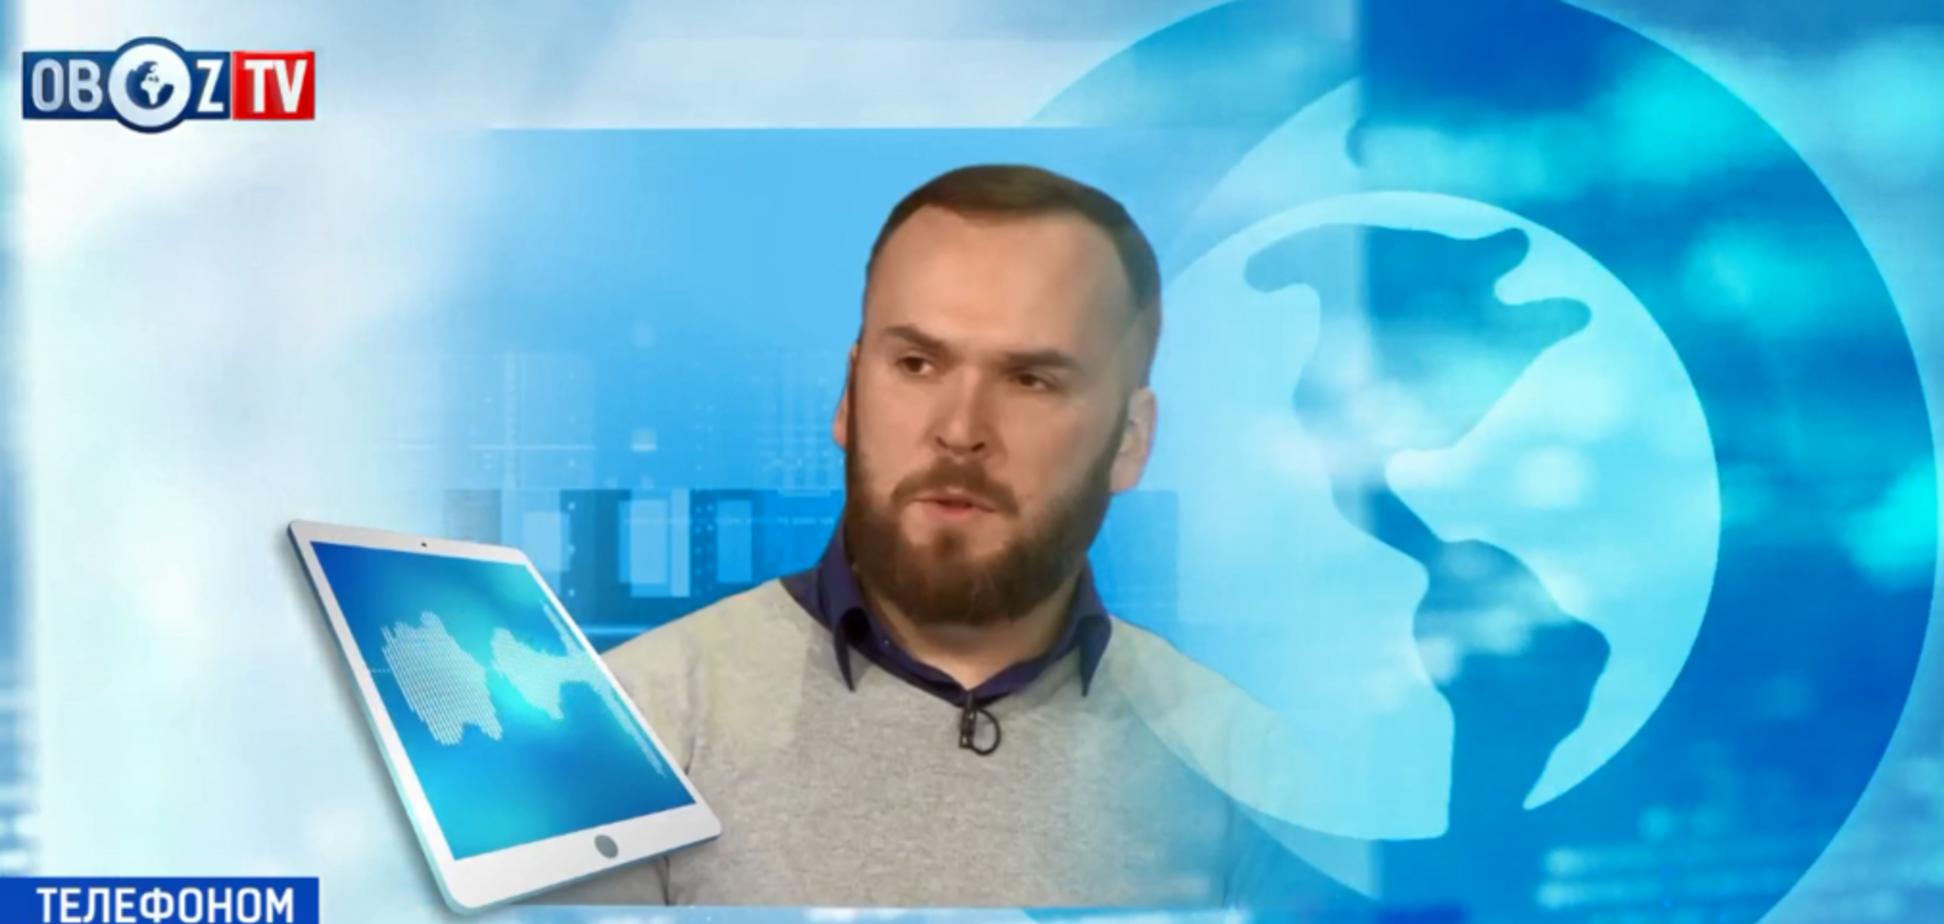 'Будут отступать, пока смогут': ветеран АТО оценил отвод войск на Донбассе